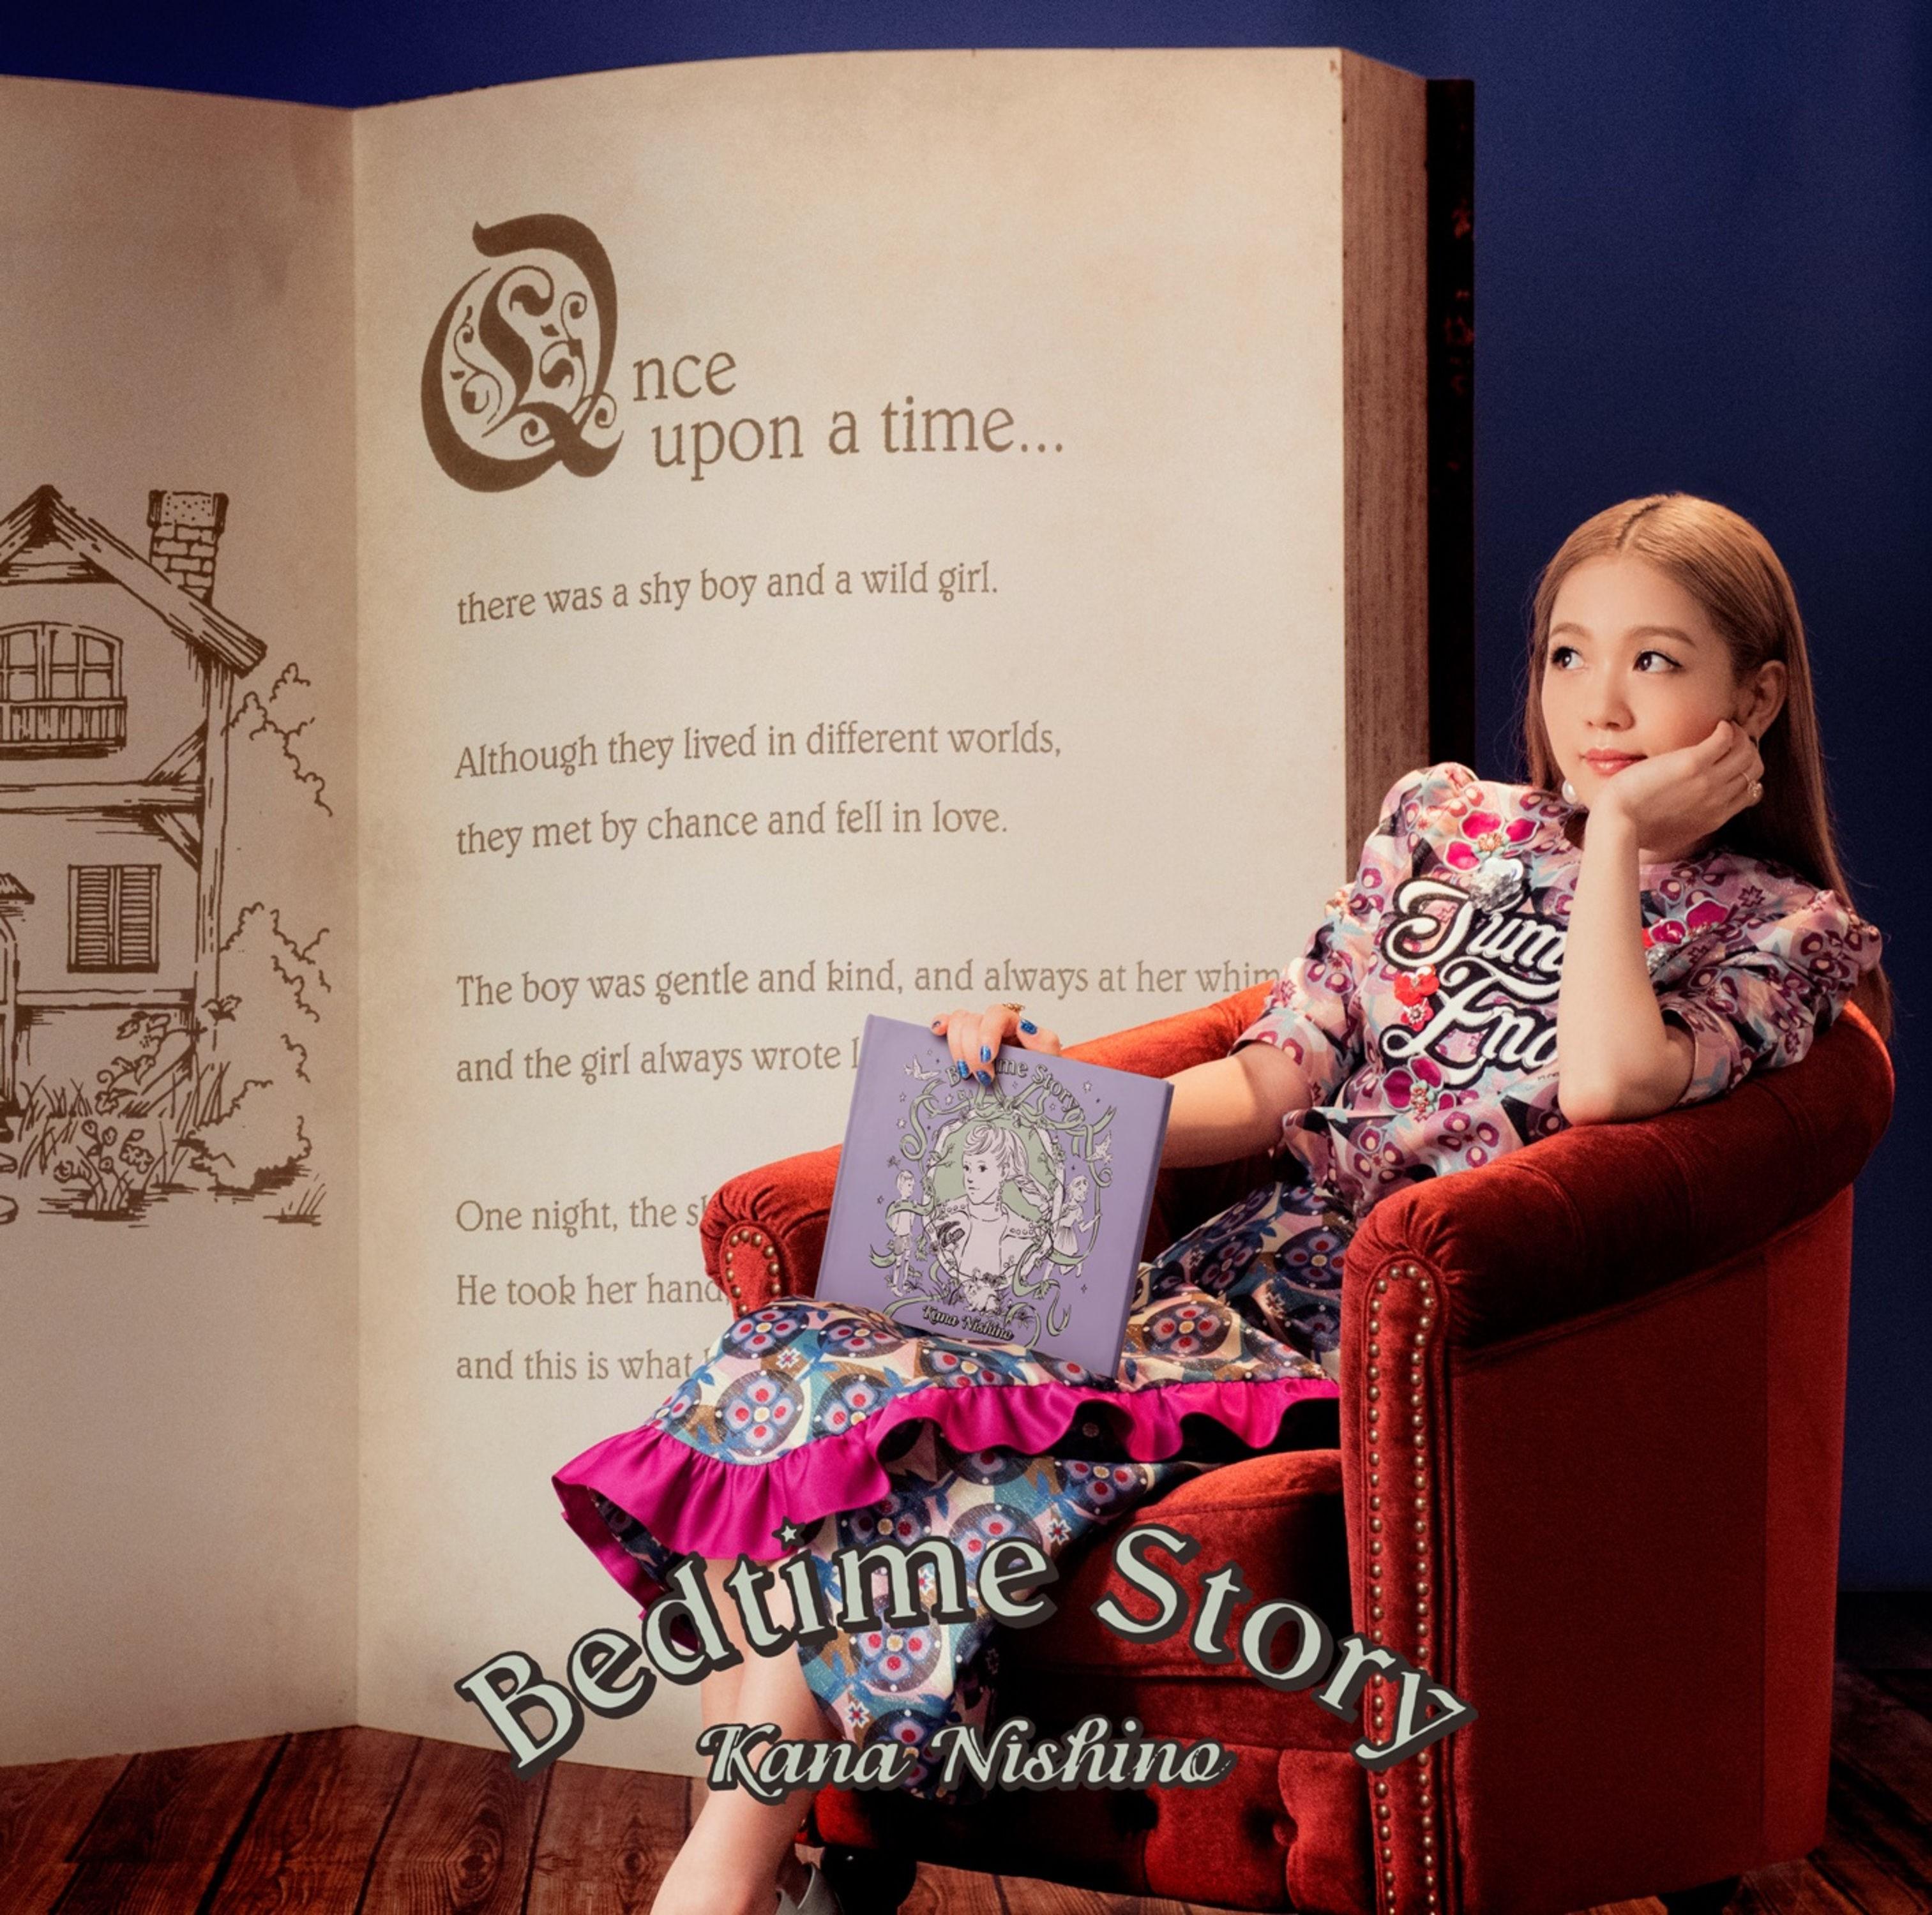 西野カナ (Kana Nishino) – Bedtime Story [MP3 320 / WEB] [2018.09.12]